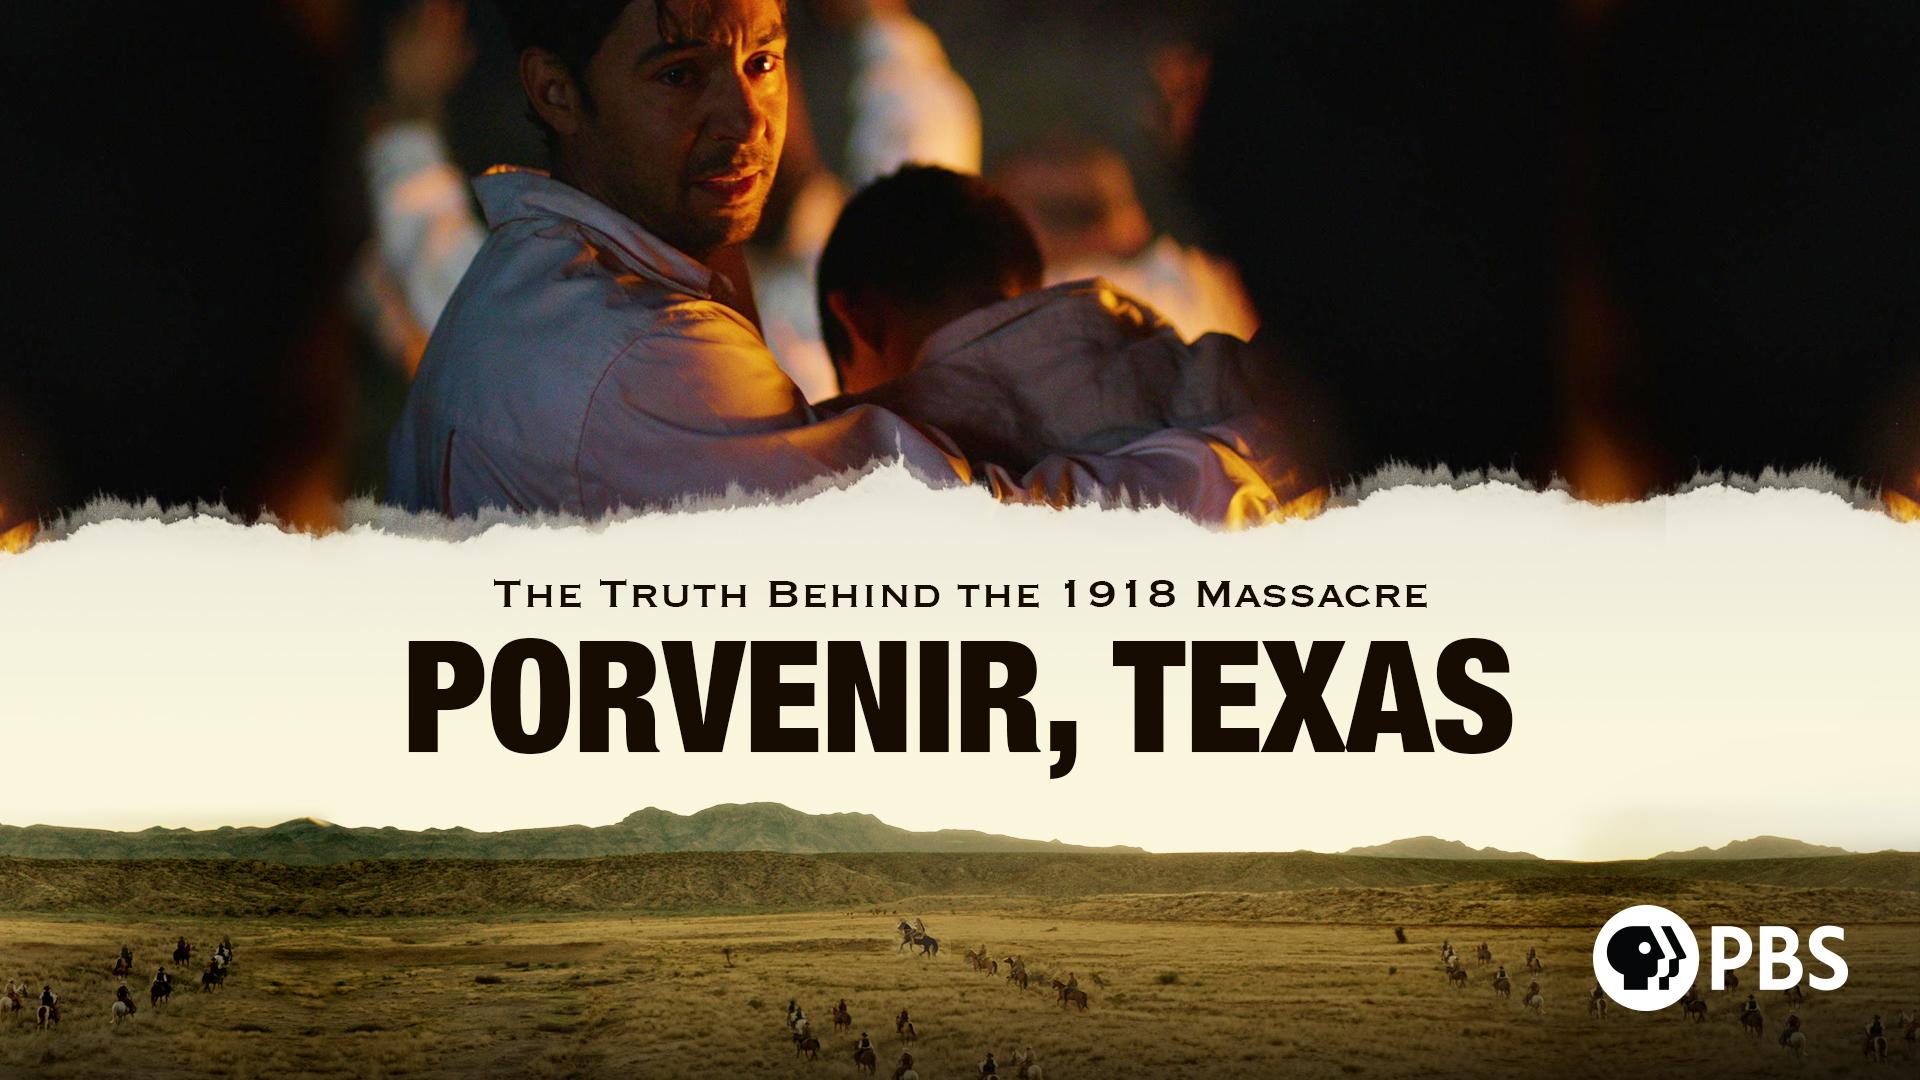 Porvenir, Texas